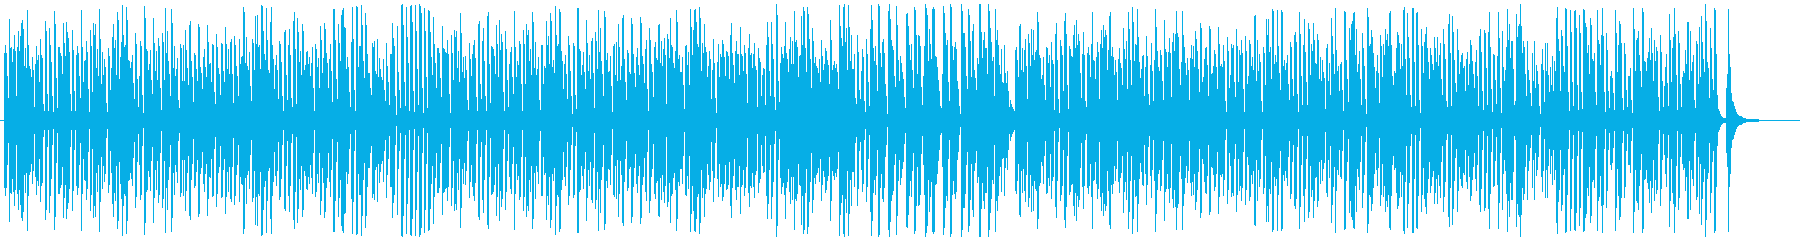 かわいいジャグバンドのマーチ-料理-動画の再生済みの波形